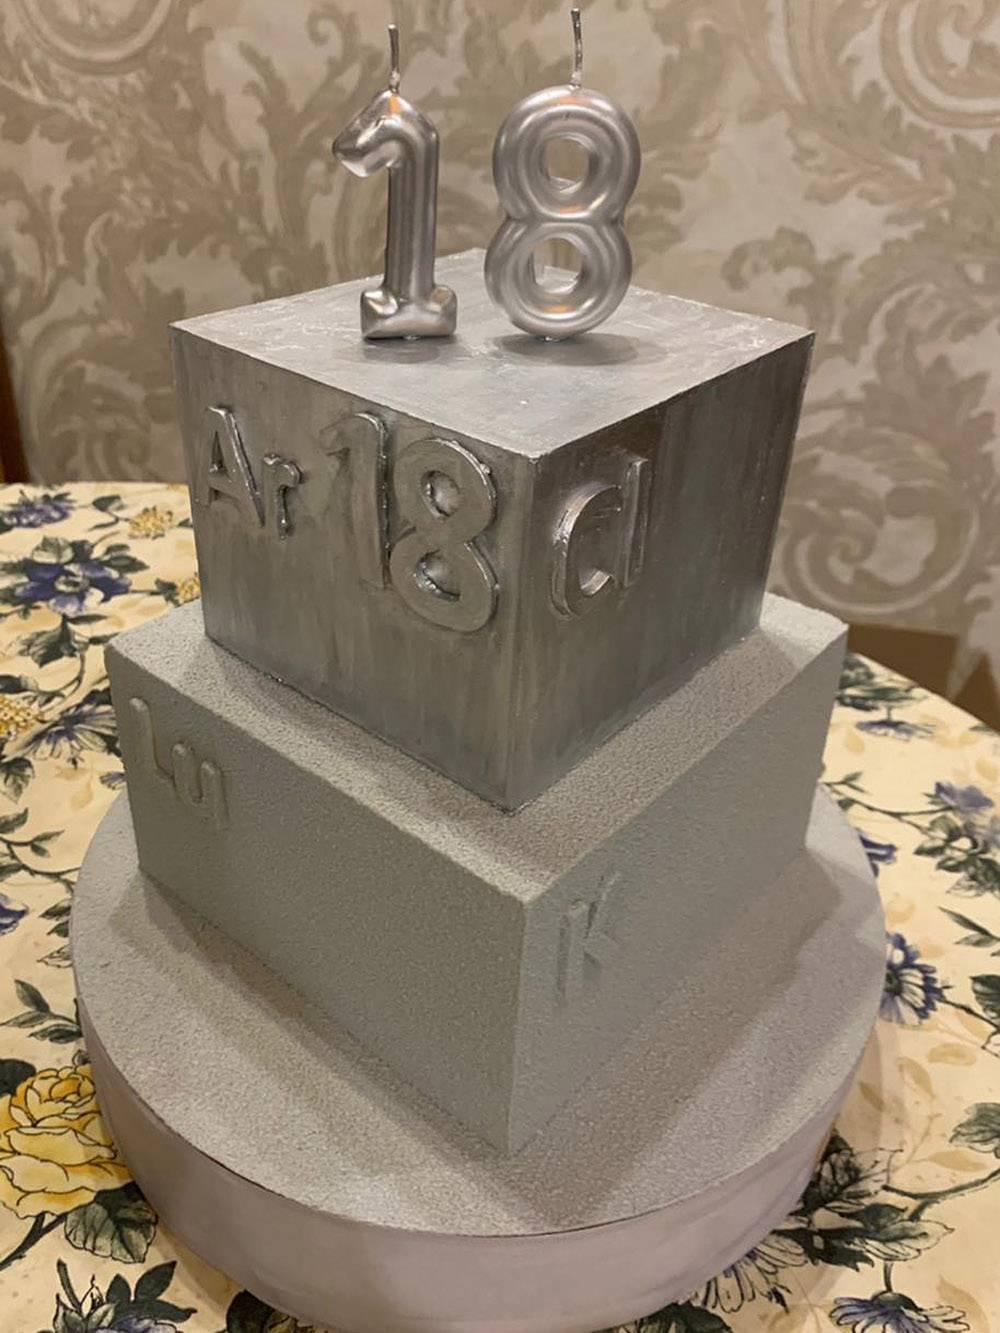 Поделюсь с вами фото торта. Выглядит не супер, но интересно, на вкус вполне хорош. Разумеется, мне достался не весь торт, а только кусочек